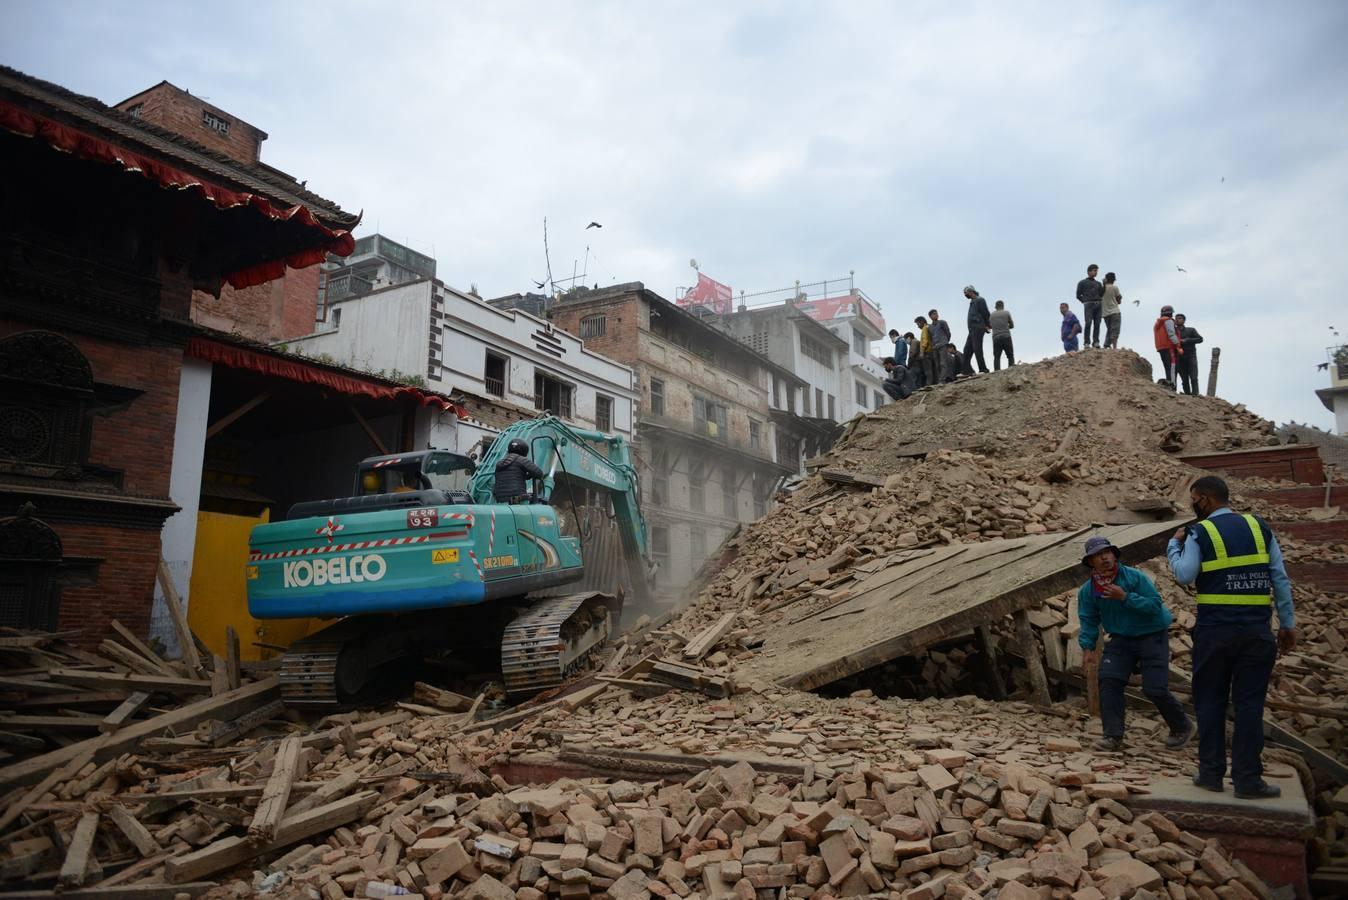 Países latinoamericanos buscan compatriotas en Nepal